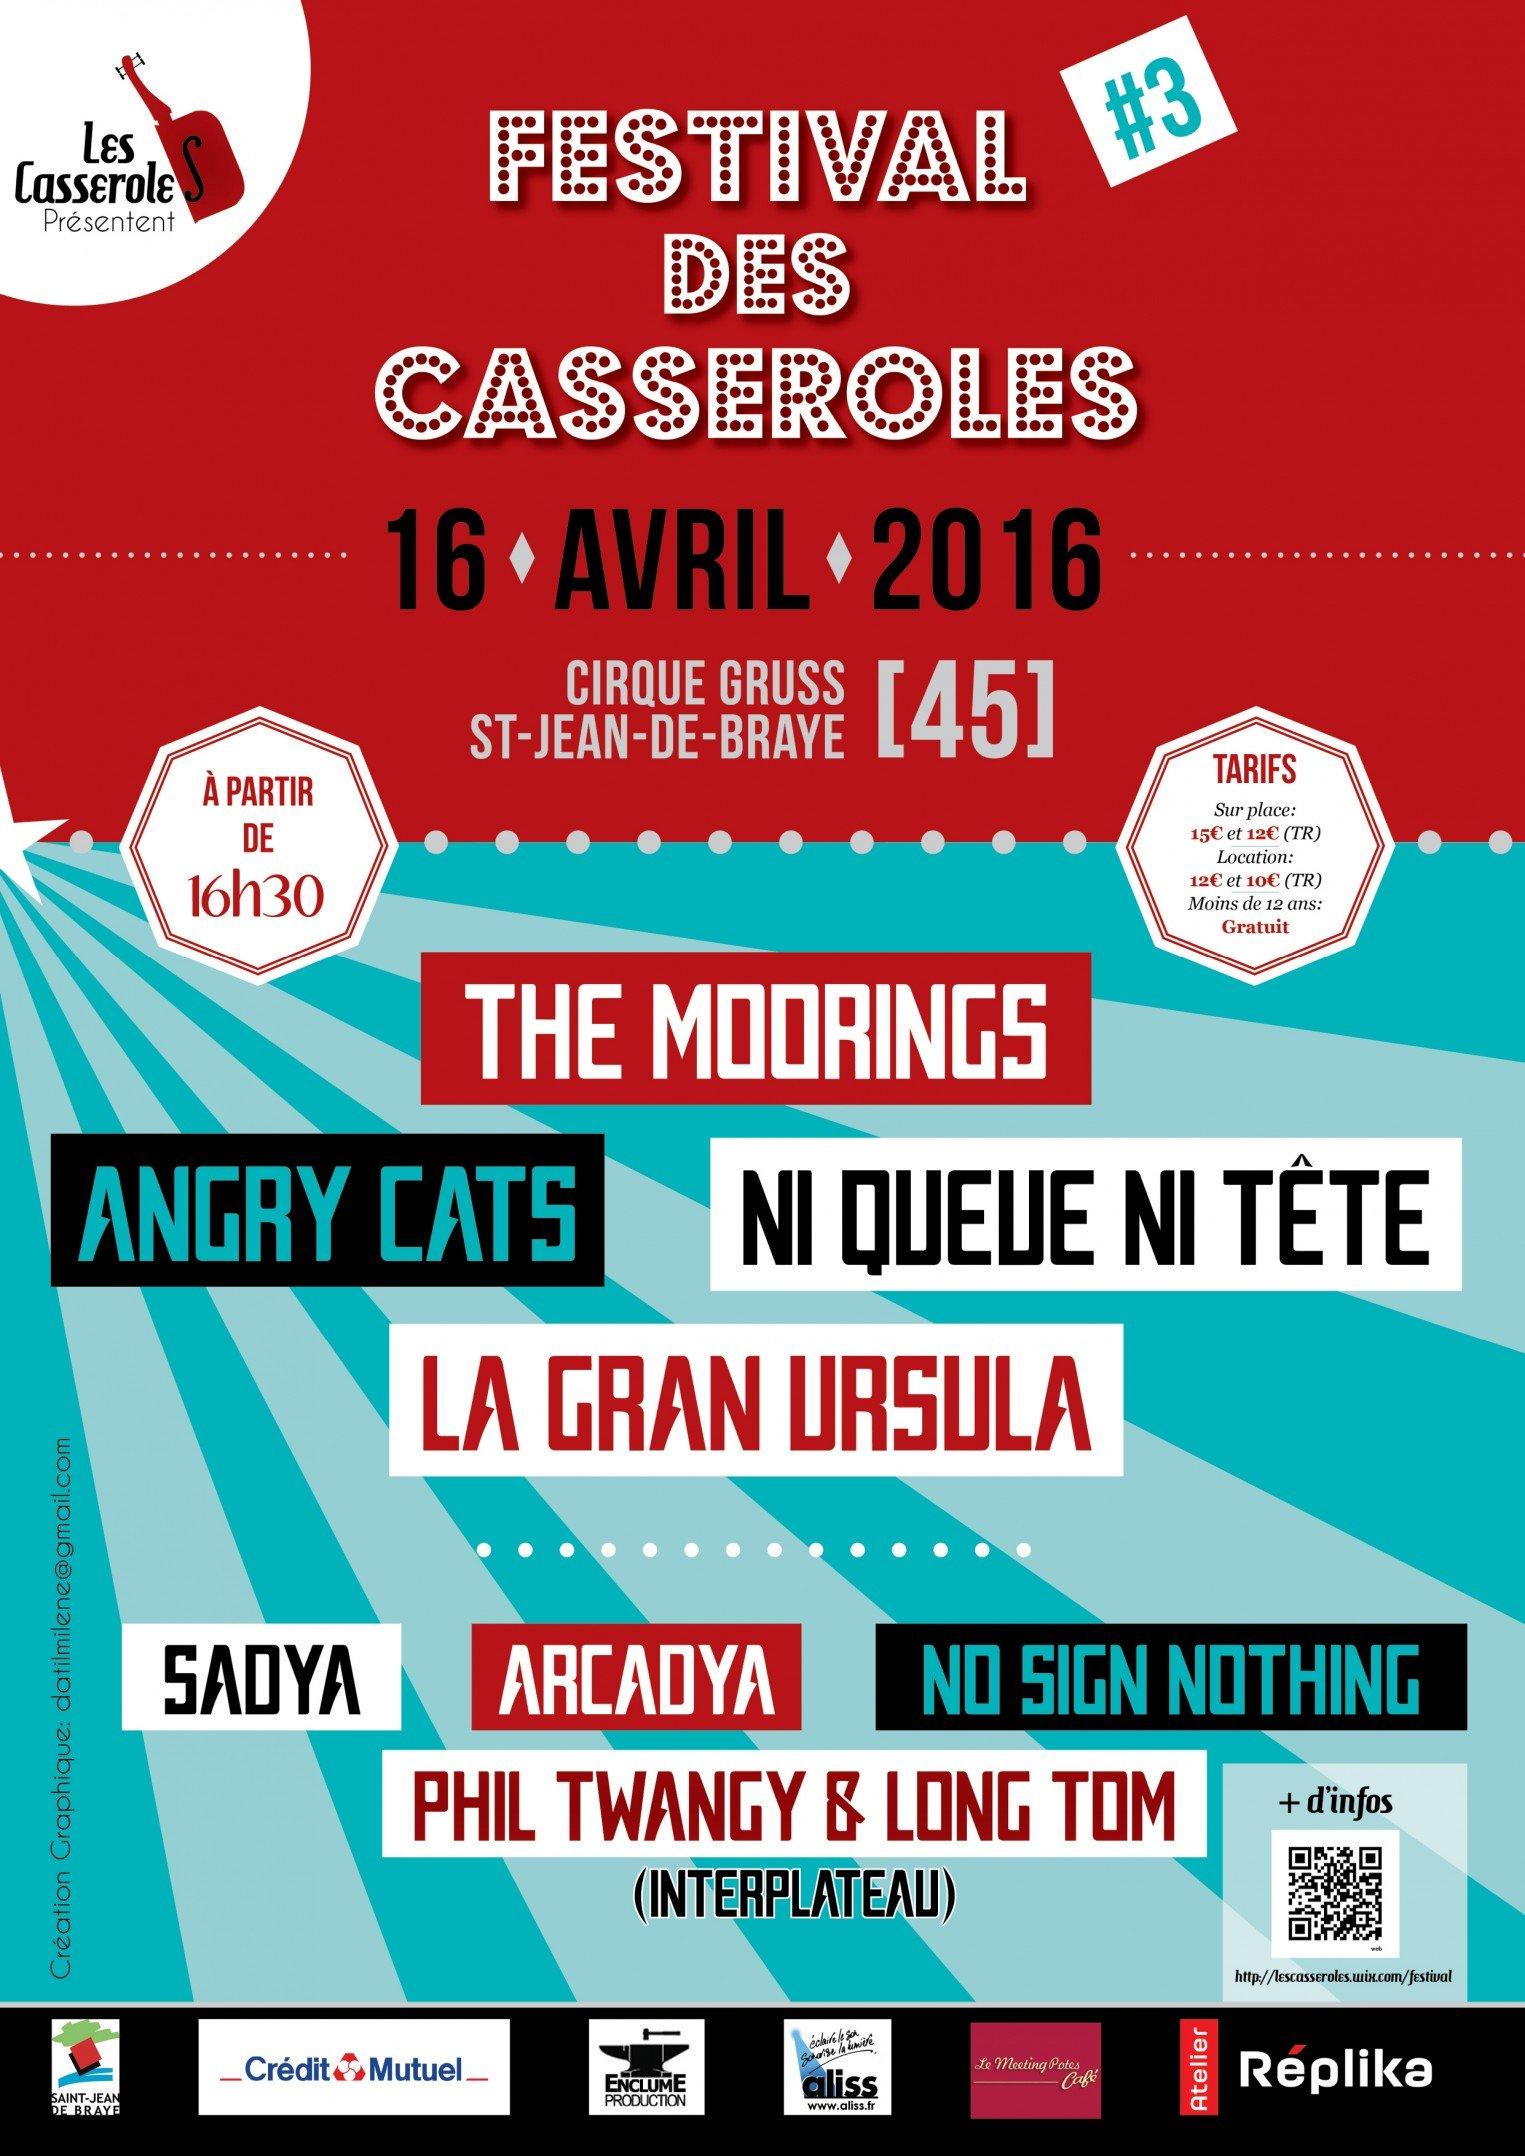 Le Festival des Casseroles ouvre la saison des festivals dans le Loiret 8